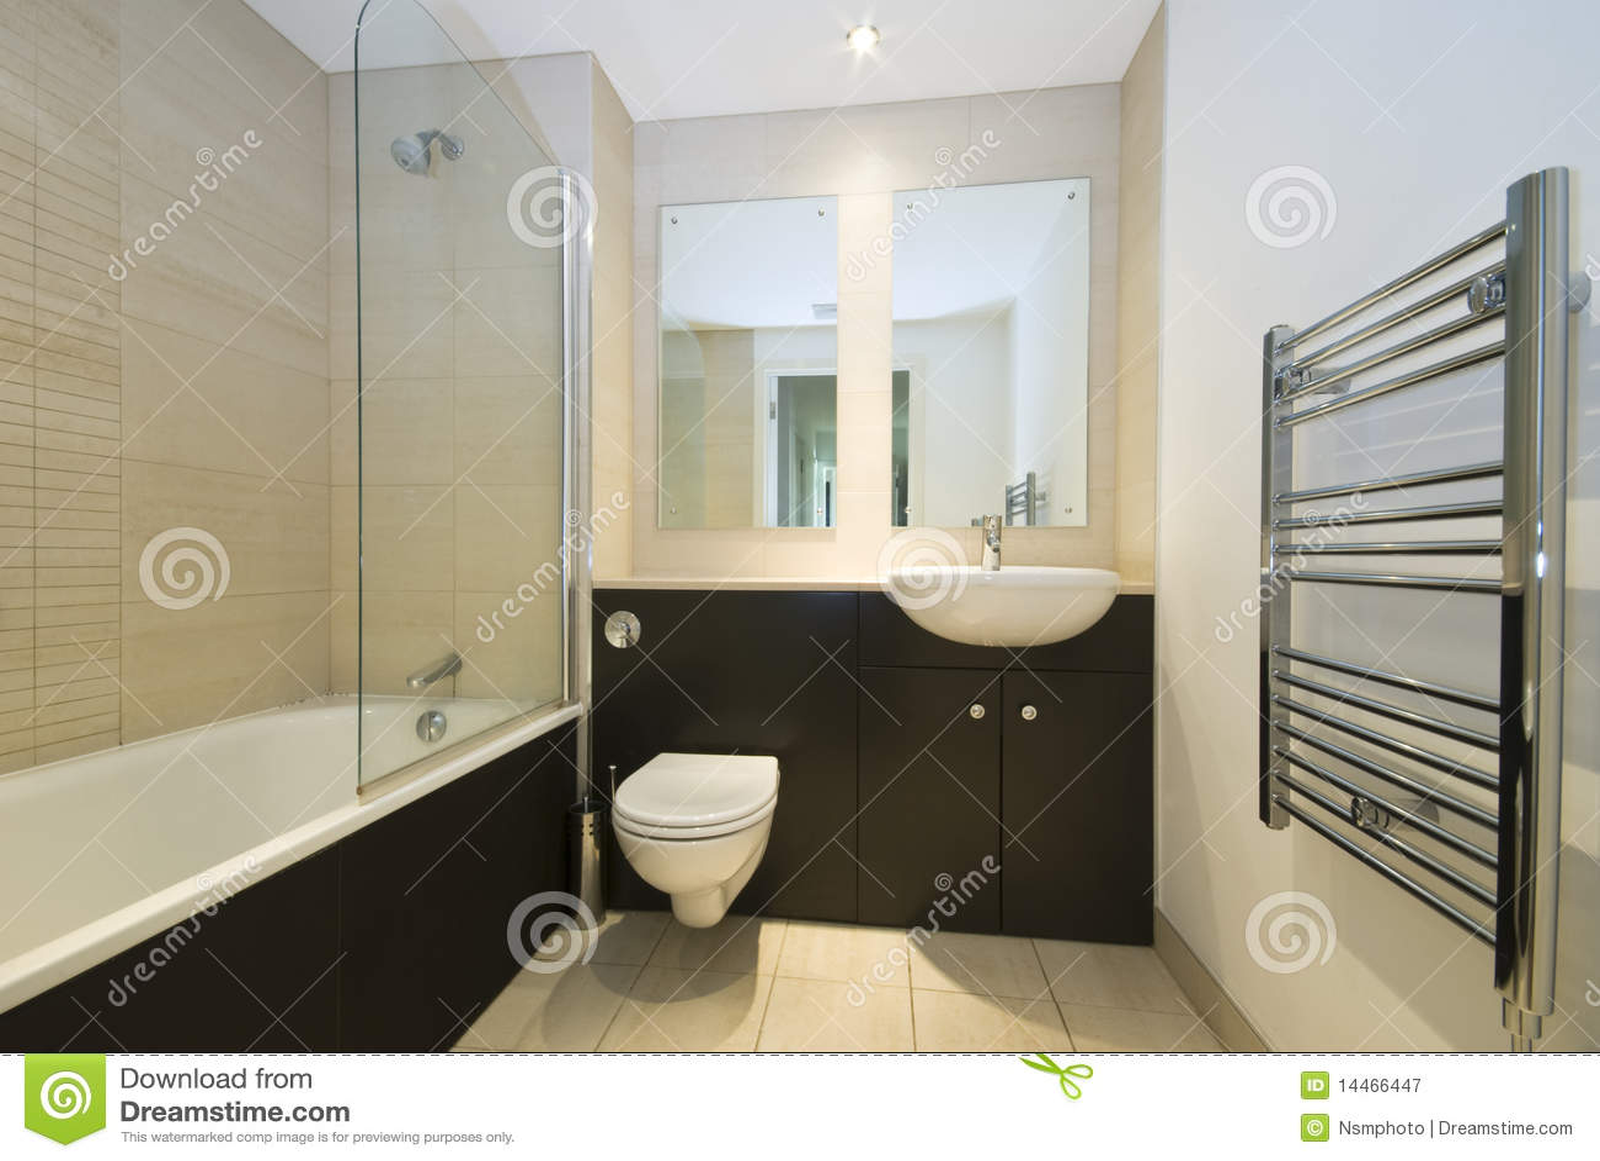 Imagens de #82A229 banheiros lindos box de vidro para banheiro banheiros modernos 1300x960 px 2792 Box Banheiro Moderno